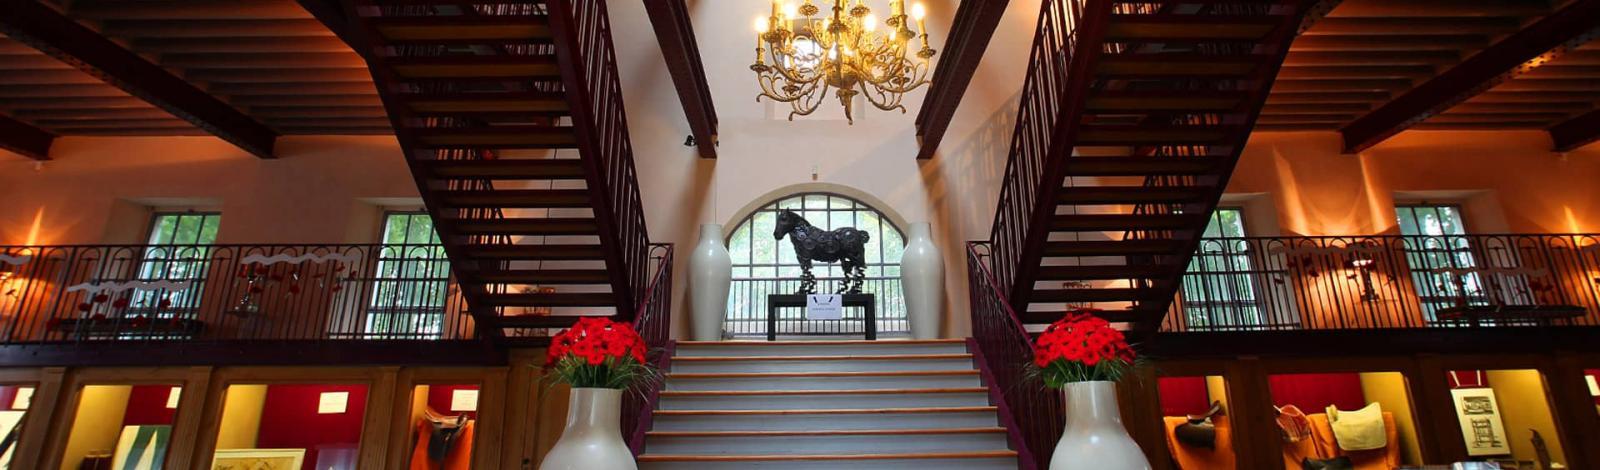 Haras Maison du cheval